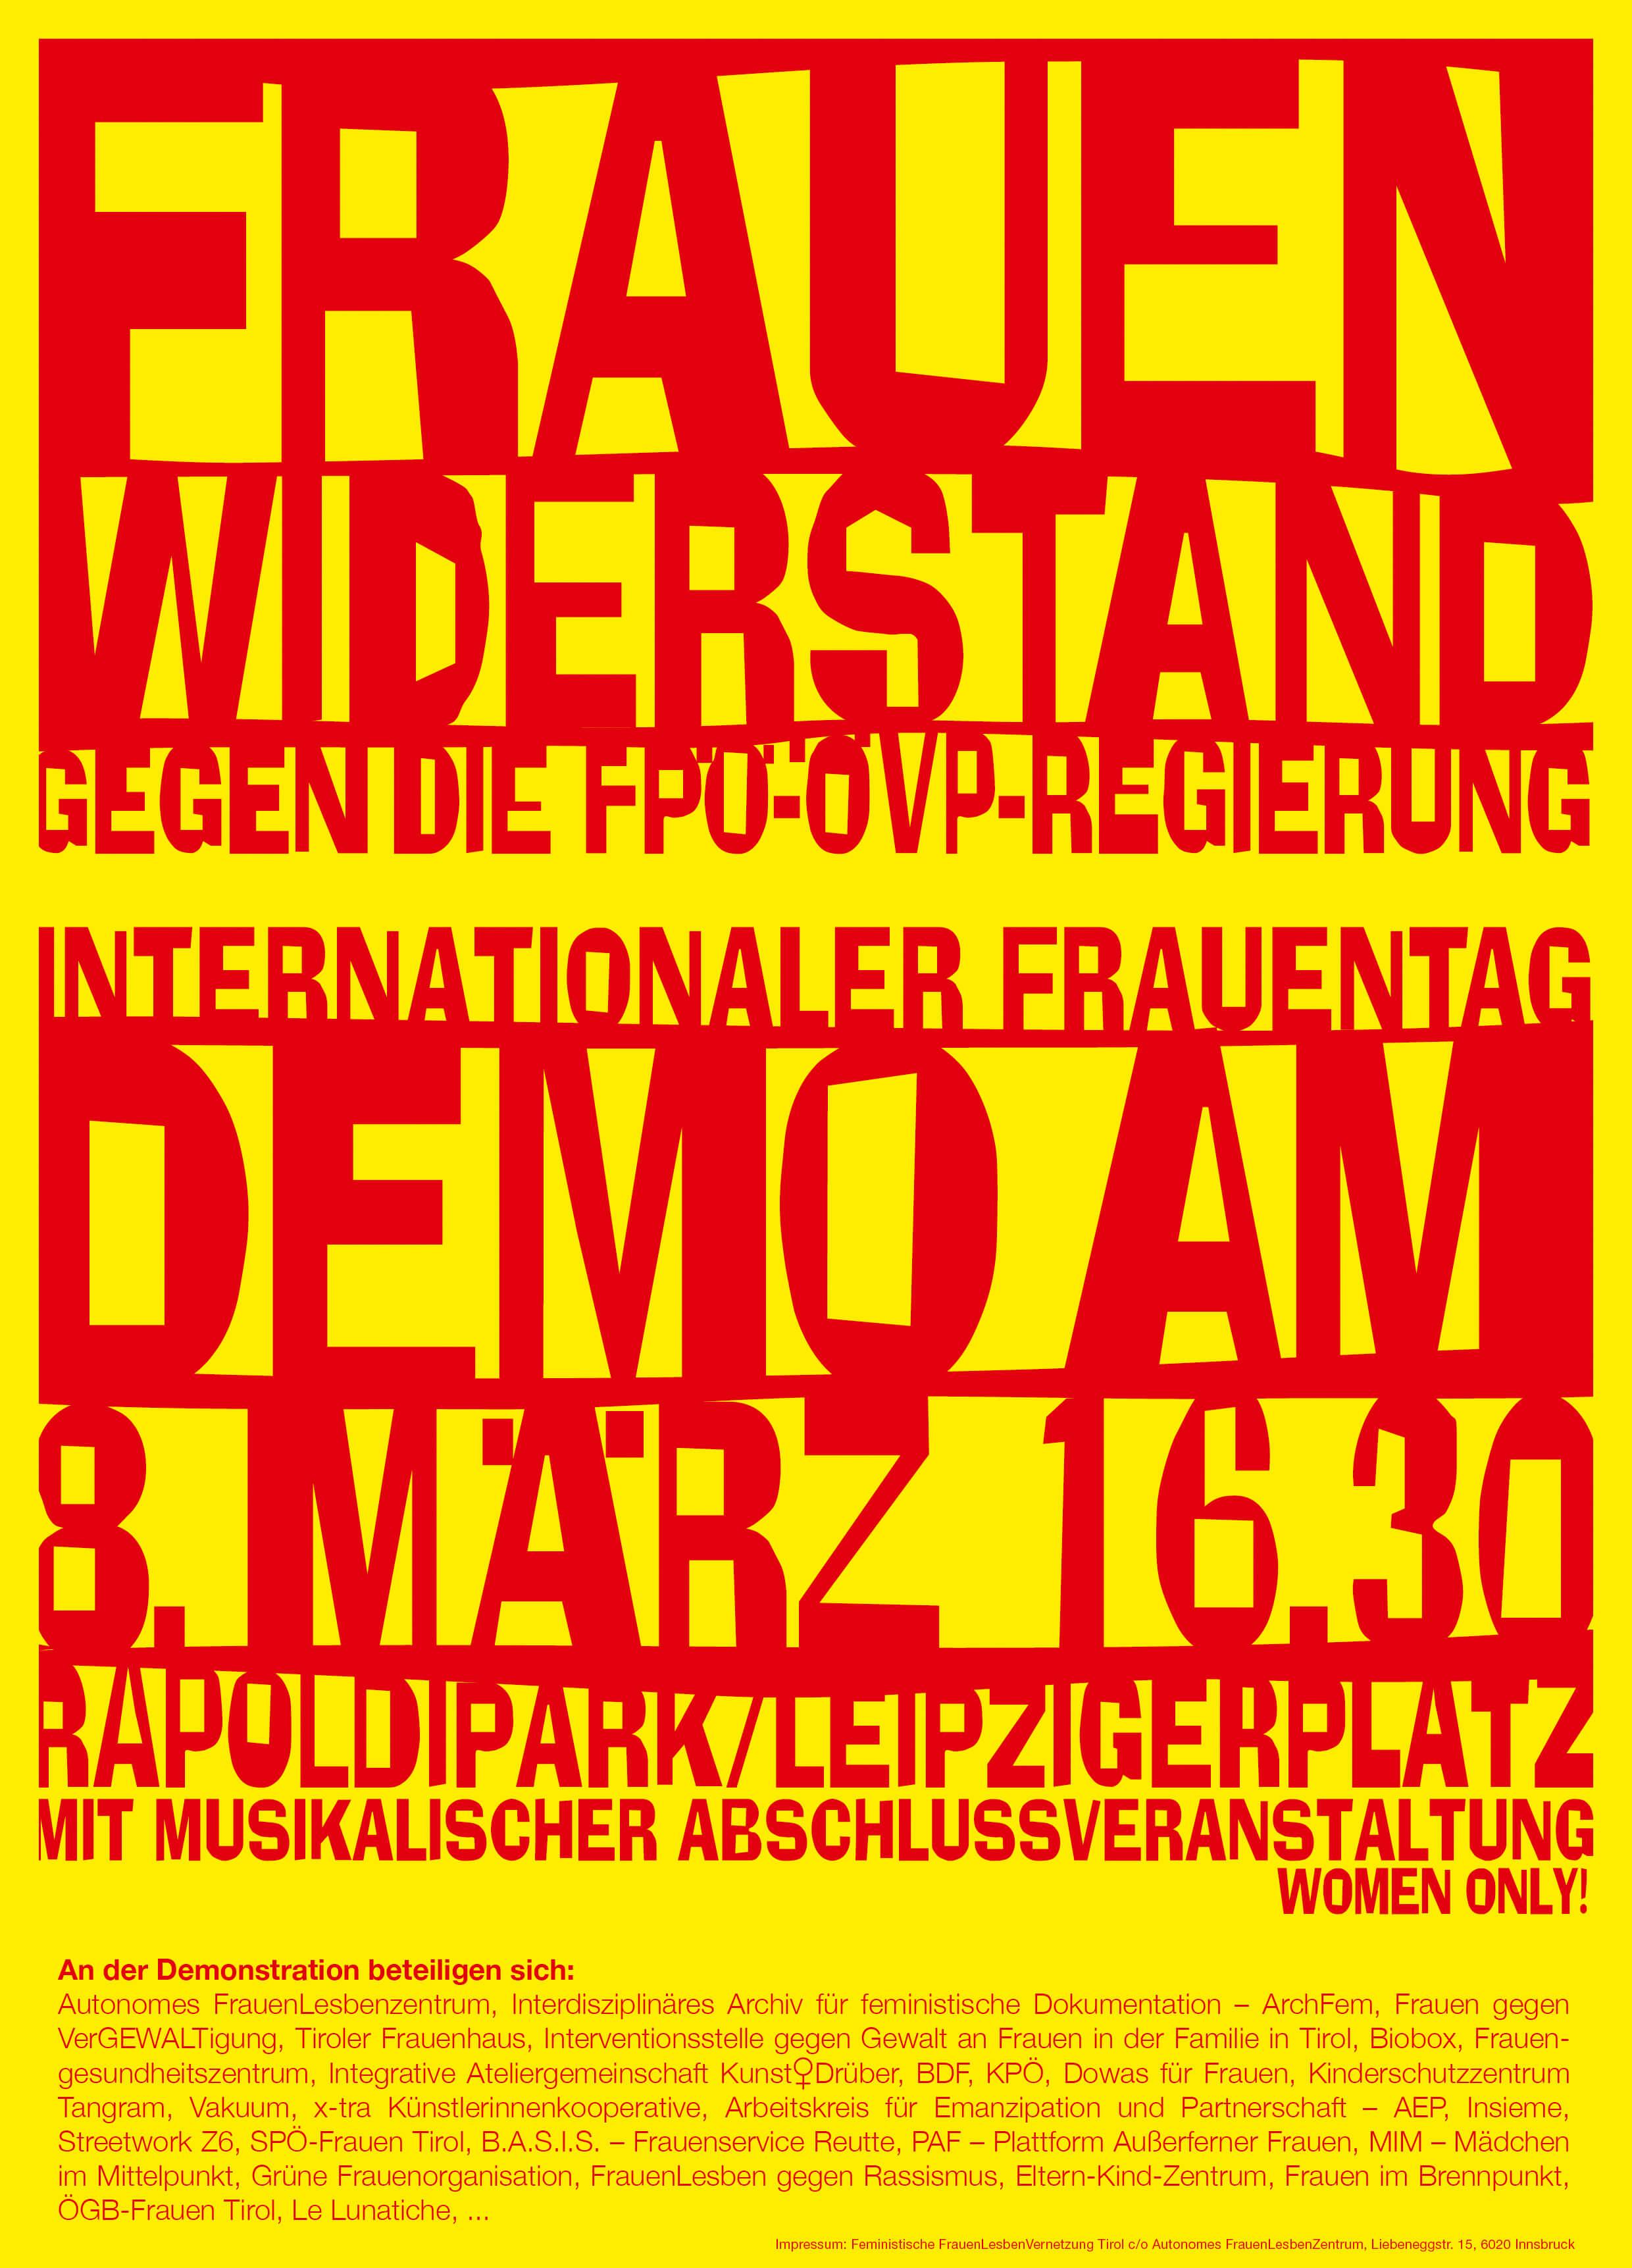 2000-03-08: Demonstration zum Internationalen Frauentag